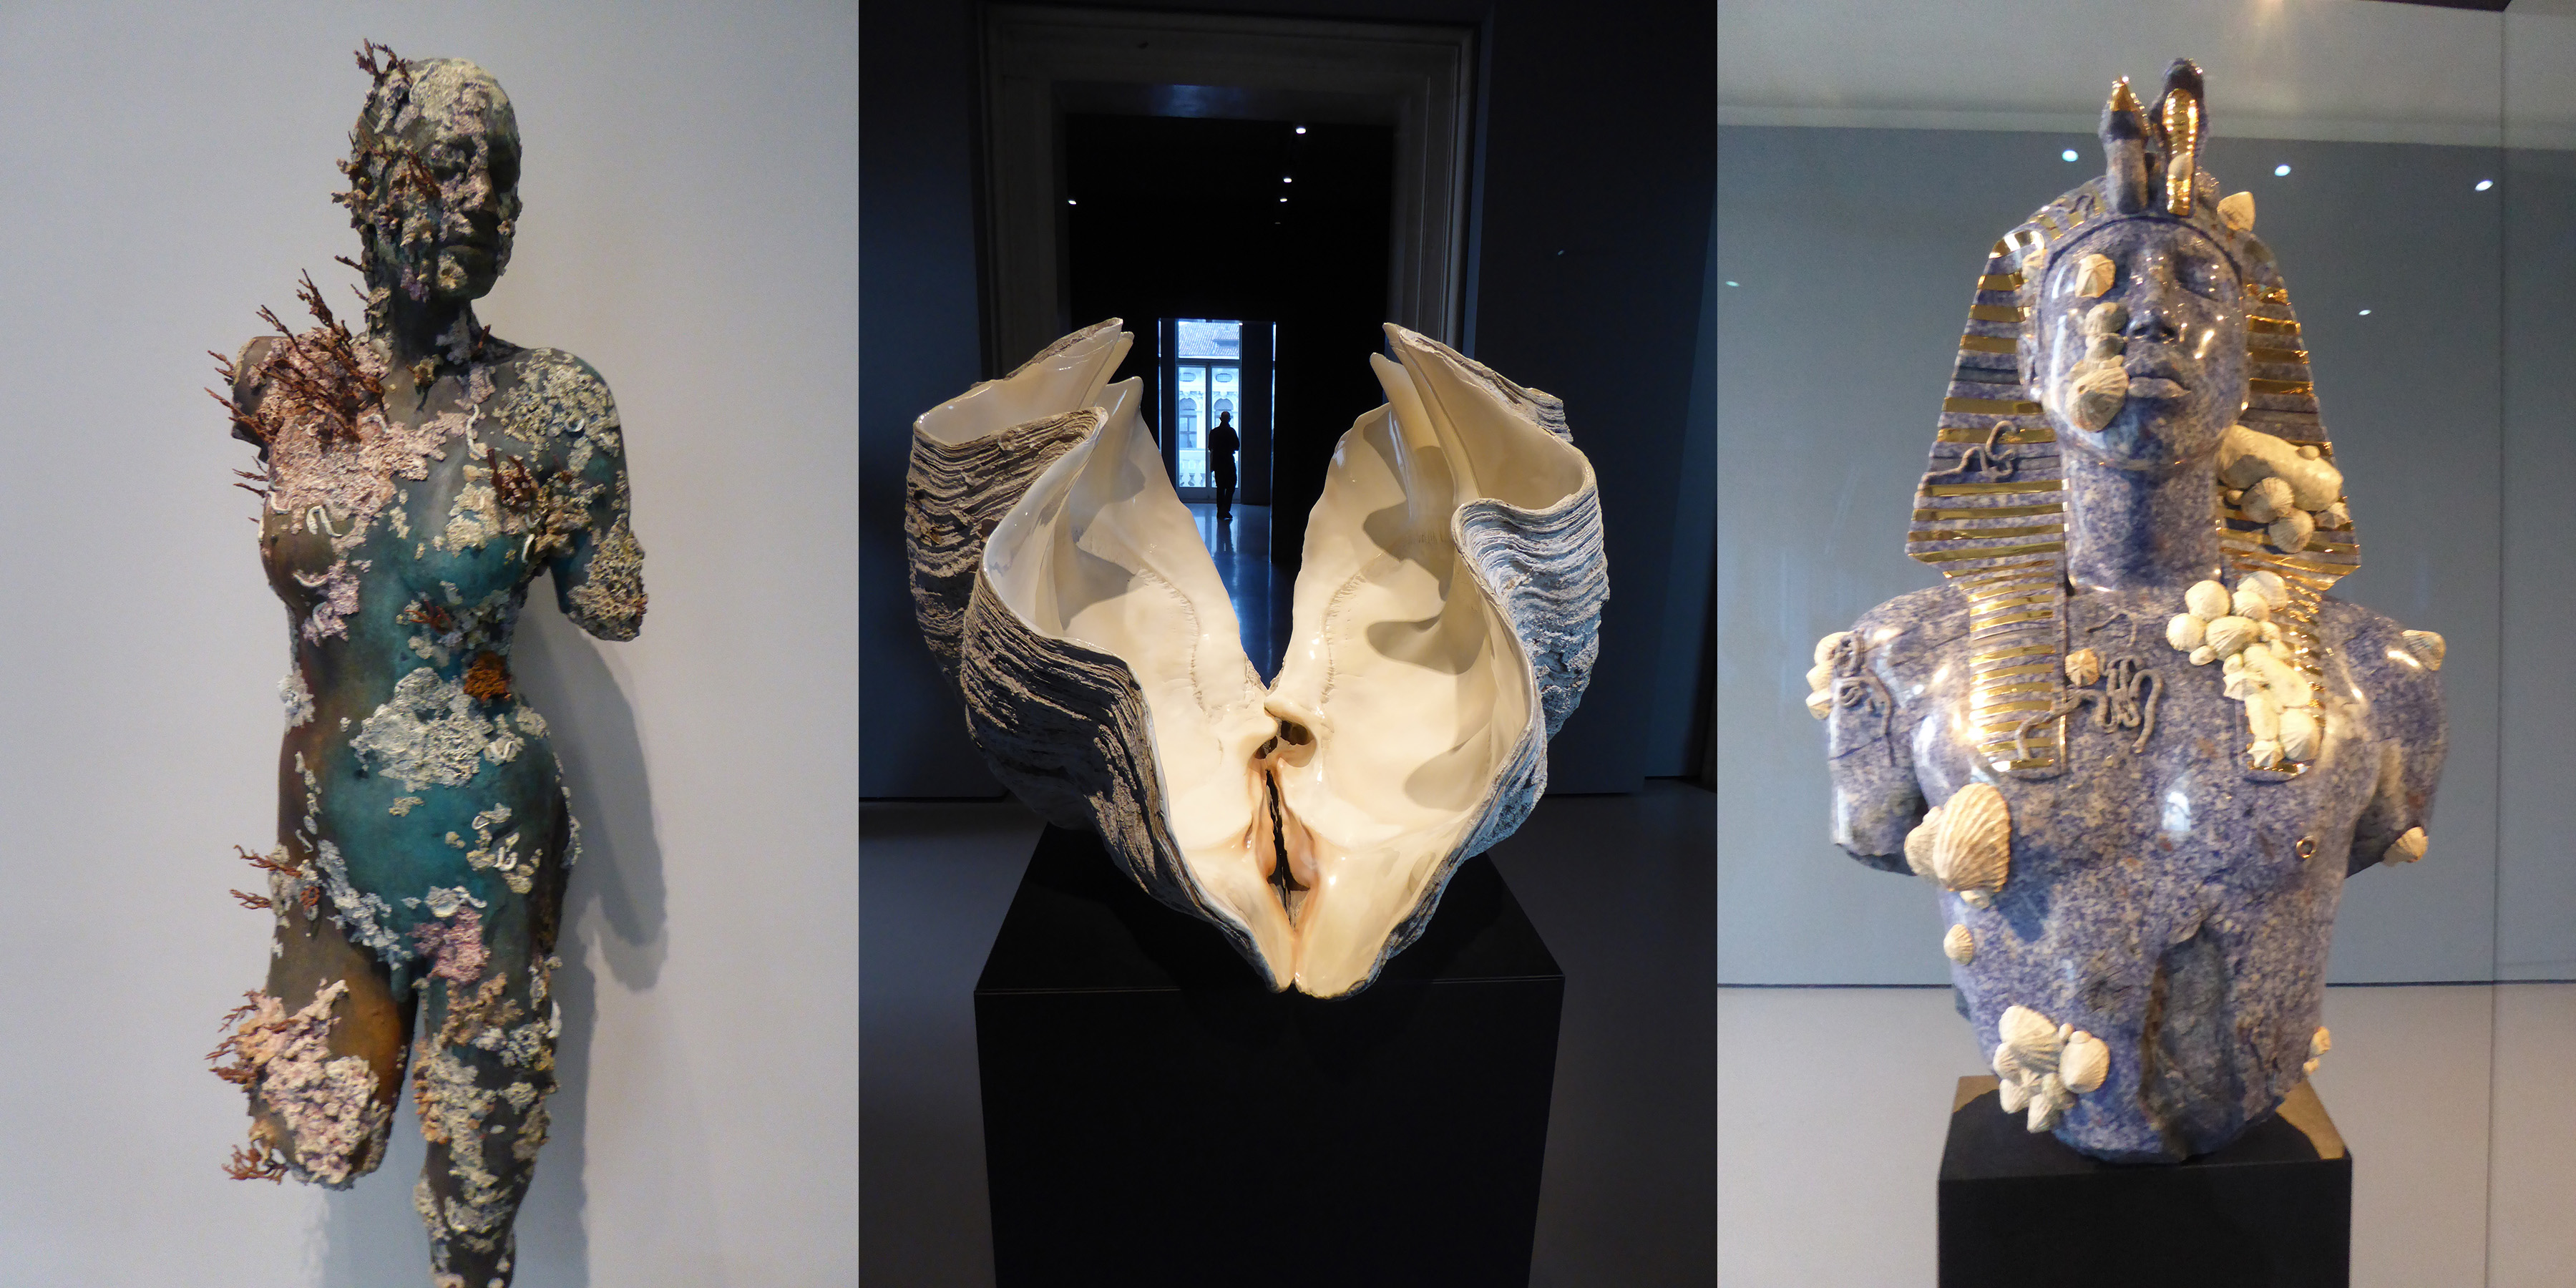 Артефакты британского художника Дэмиена Херста